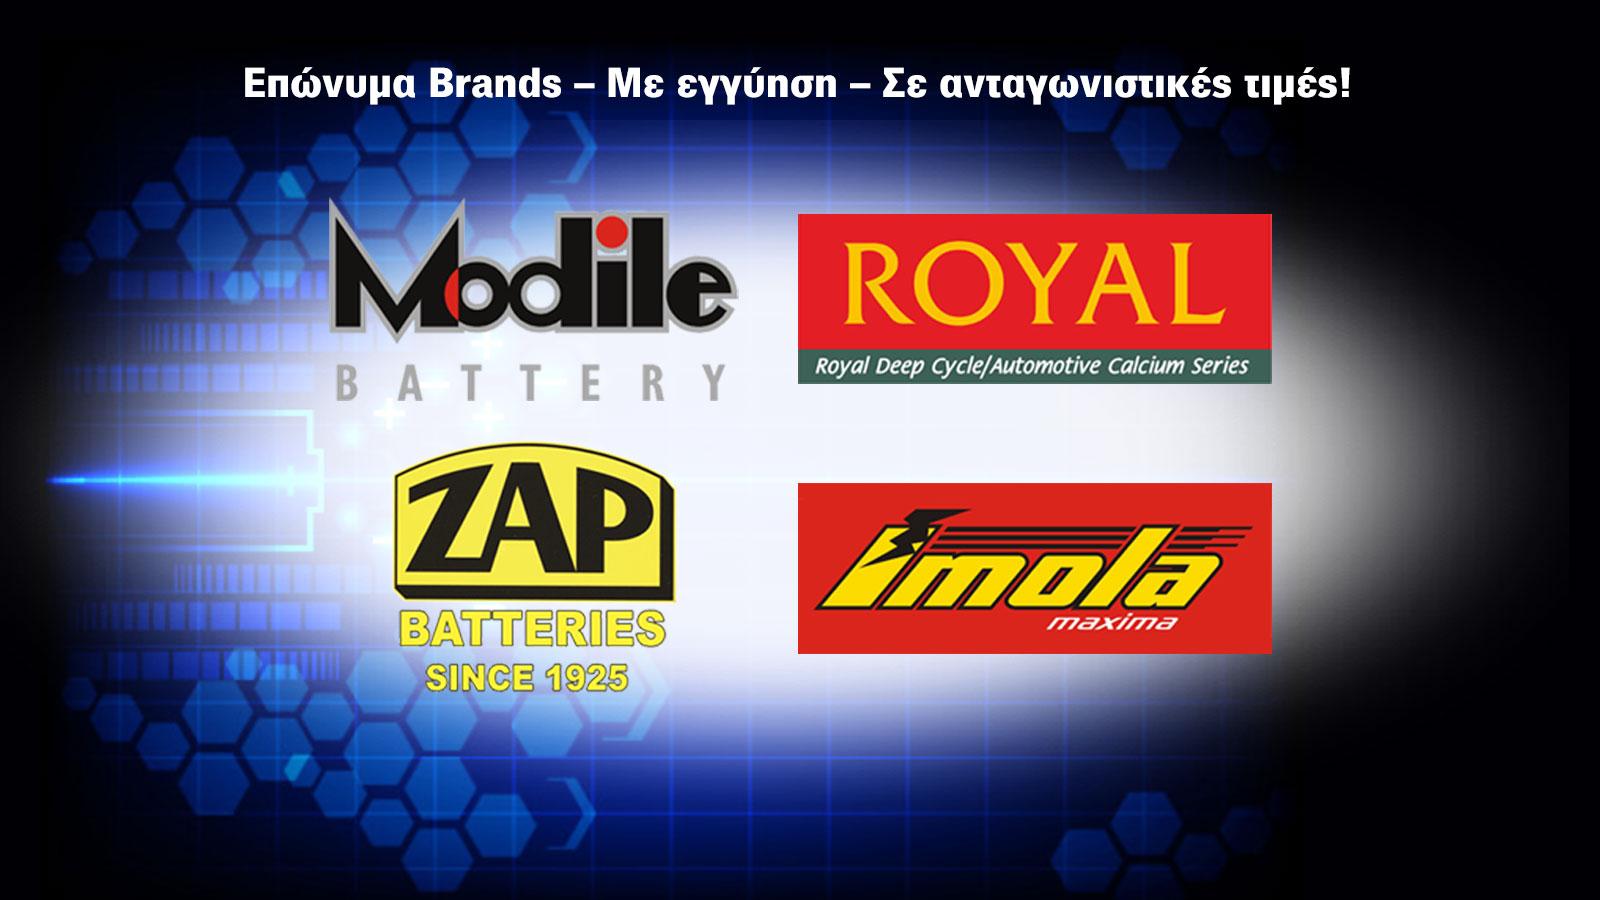 τα 4 brands παταριών αυτοκινήτων που αντιπροσωπεύει στην Ελλάδα η Modile Battery